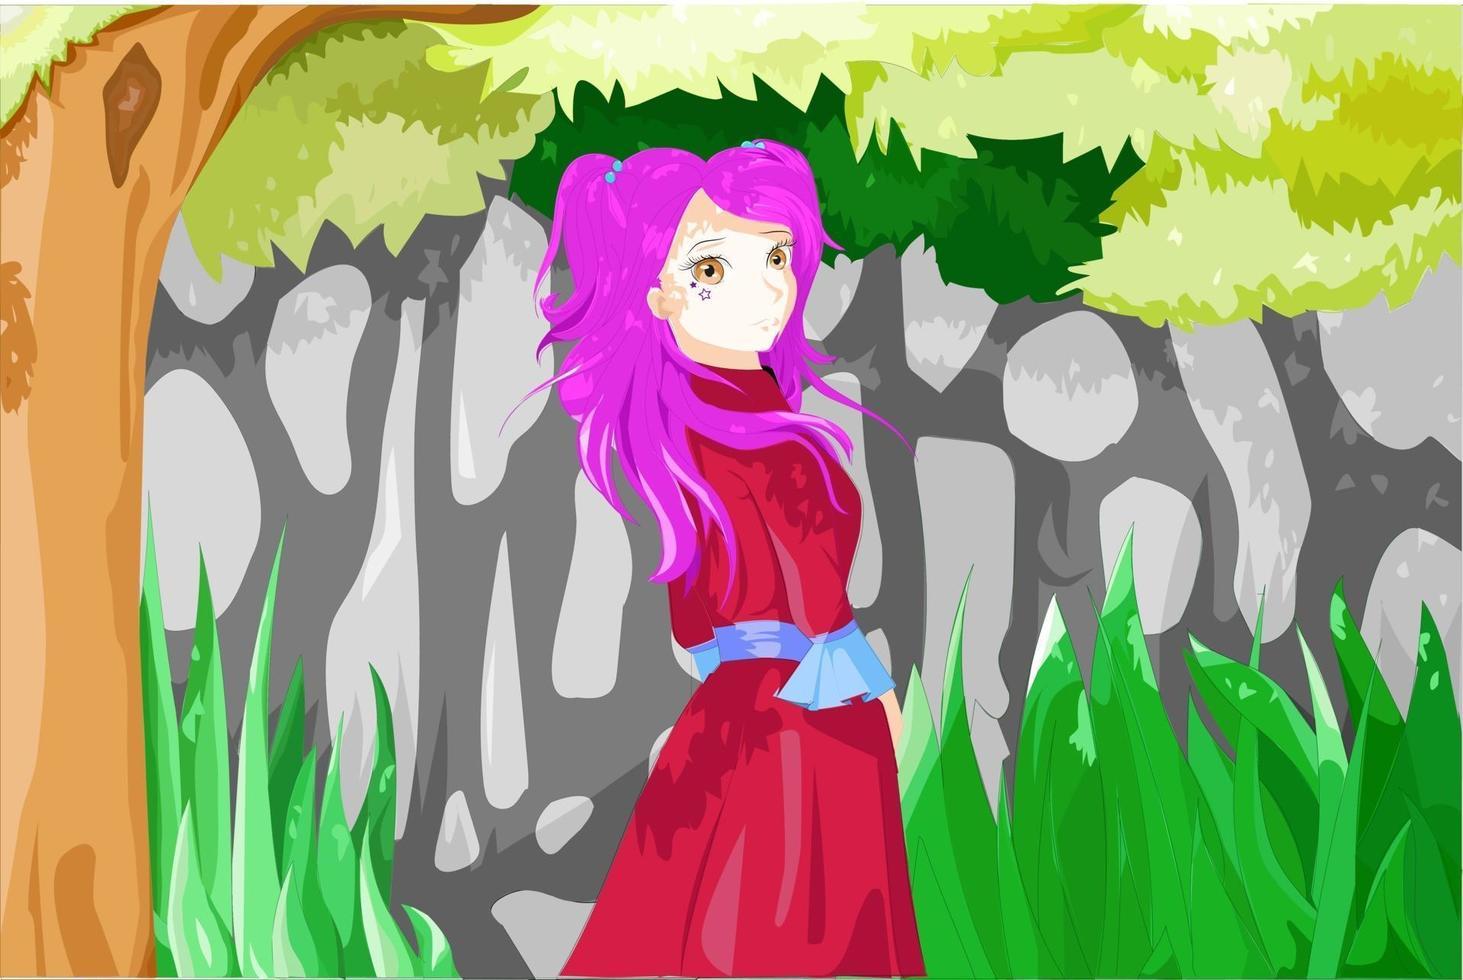 garota de anime com cabelo roxo, olhos castanhos e usando roupa vermelha embaixo da árvore vetor